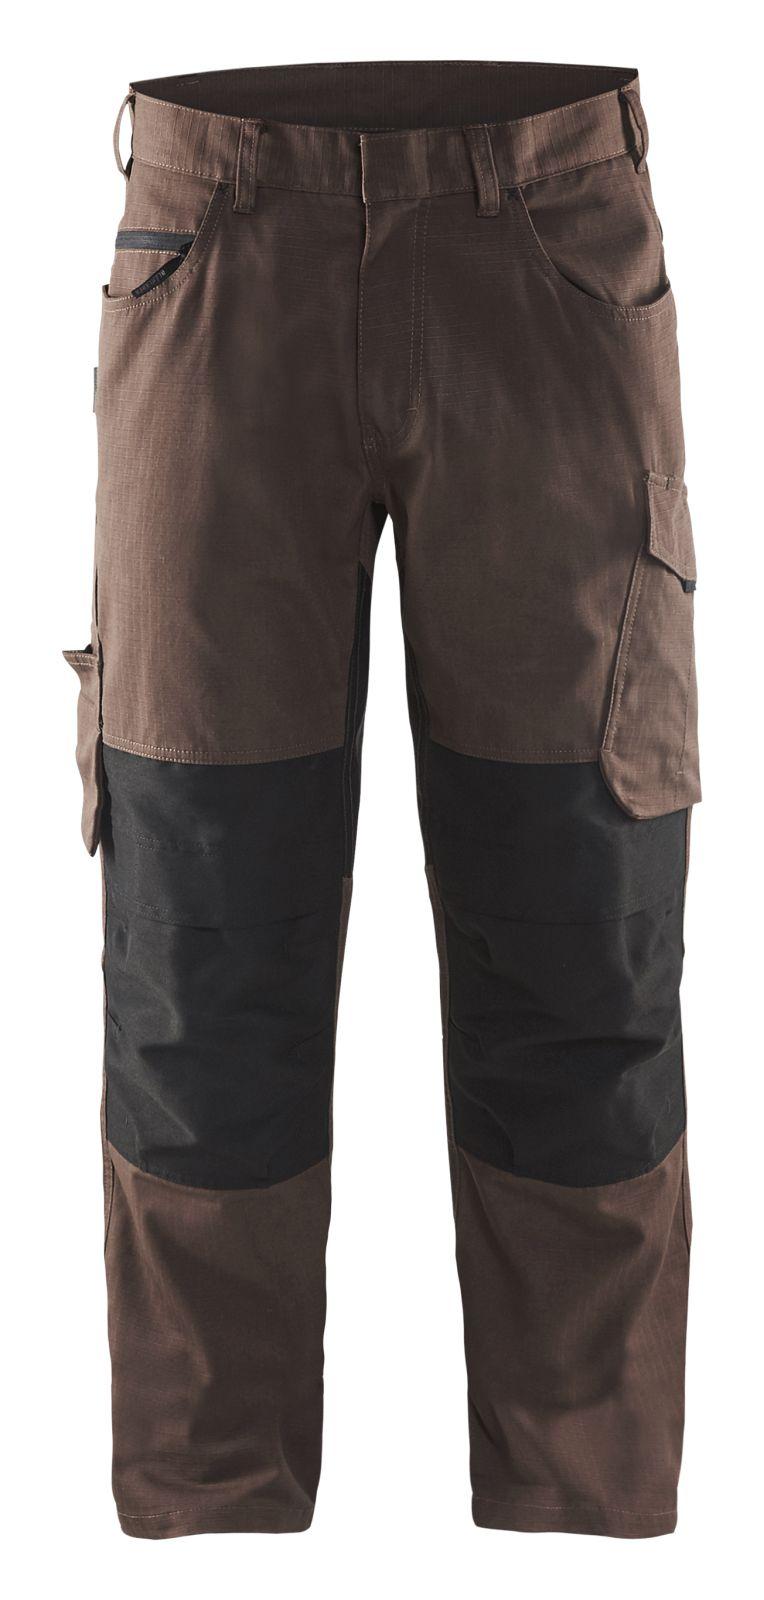 Blaklader Broeken 14951330 met Stretch bruin-zwart(7899)